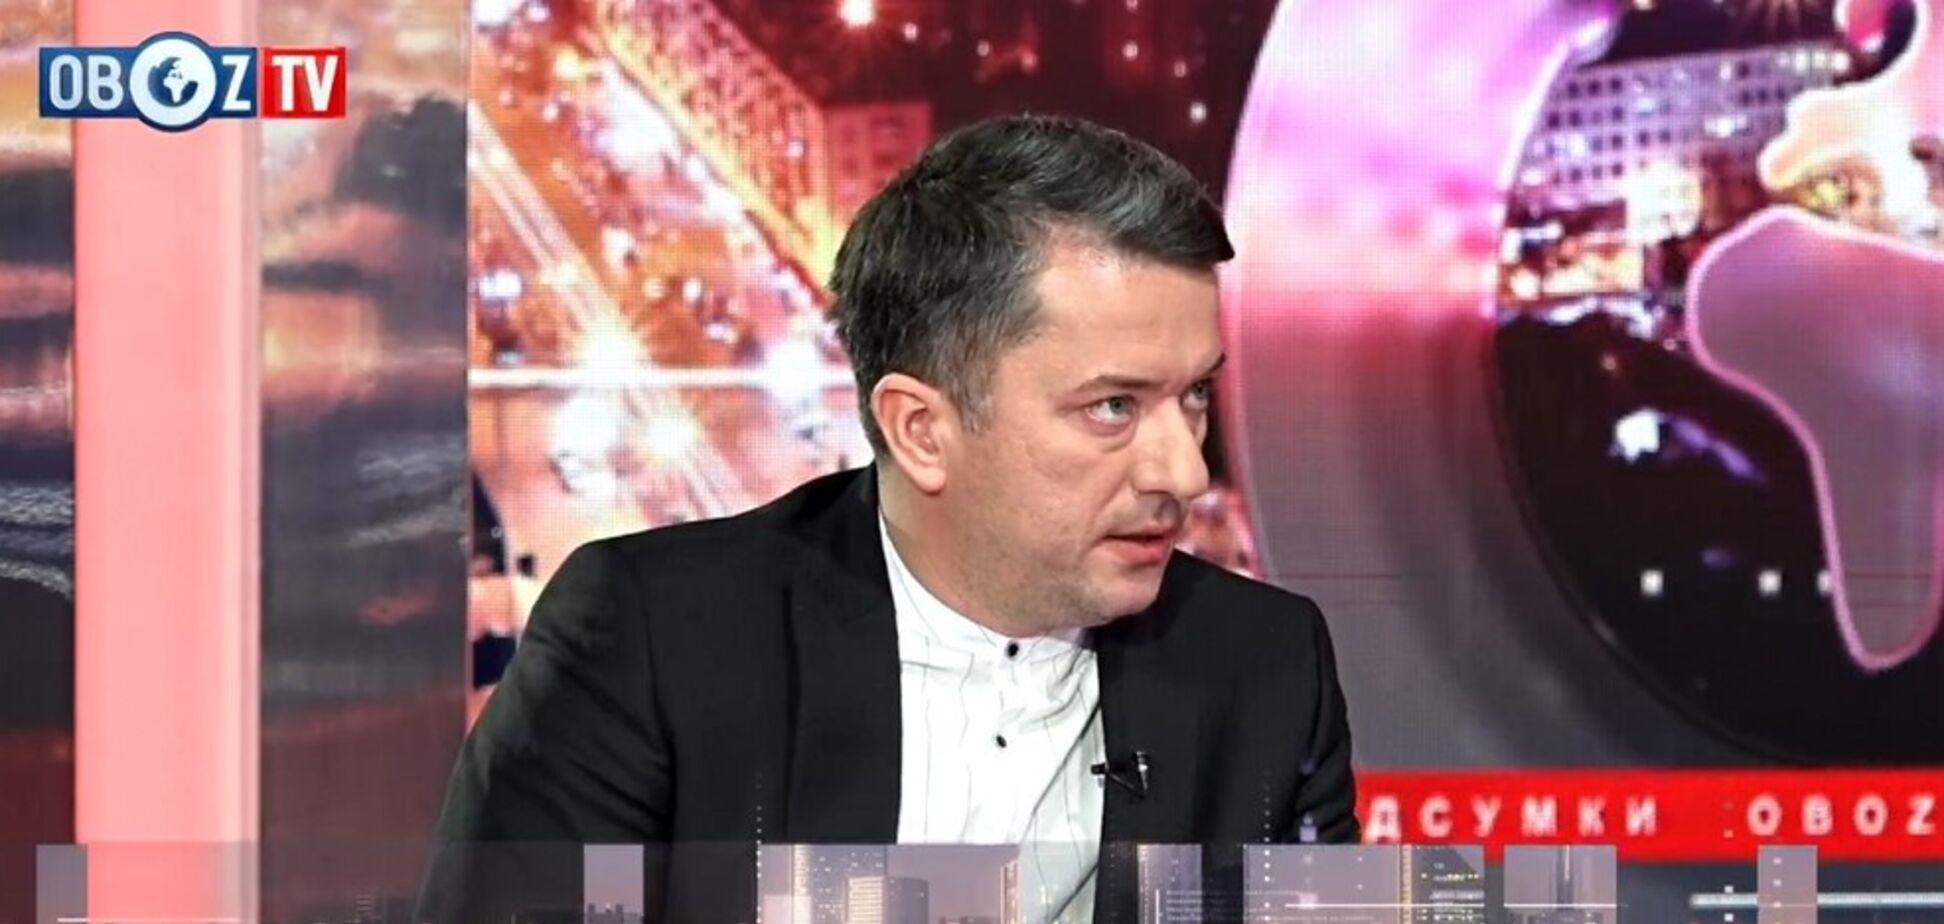 Политики должны договариваться, а не драться: народный депутат